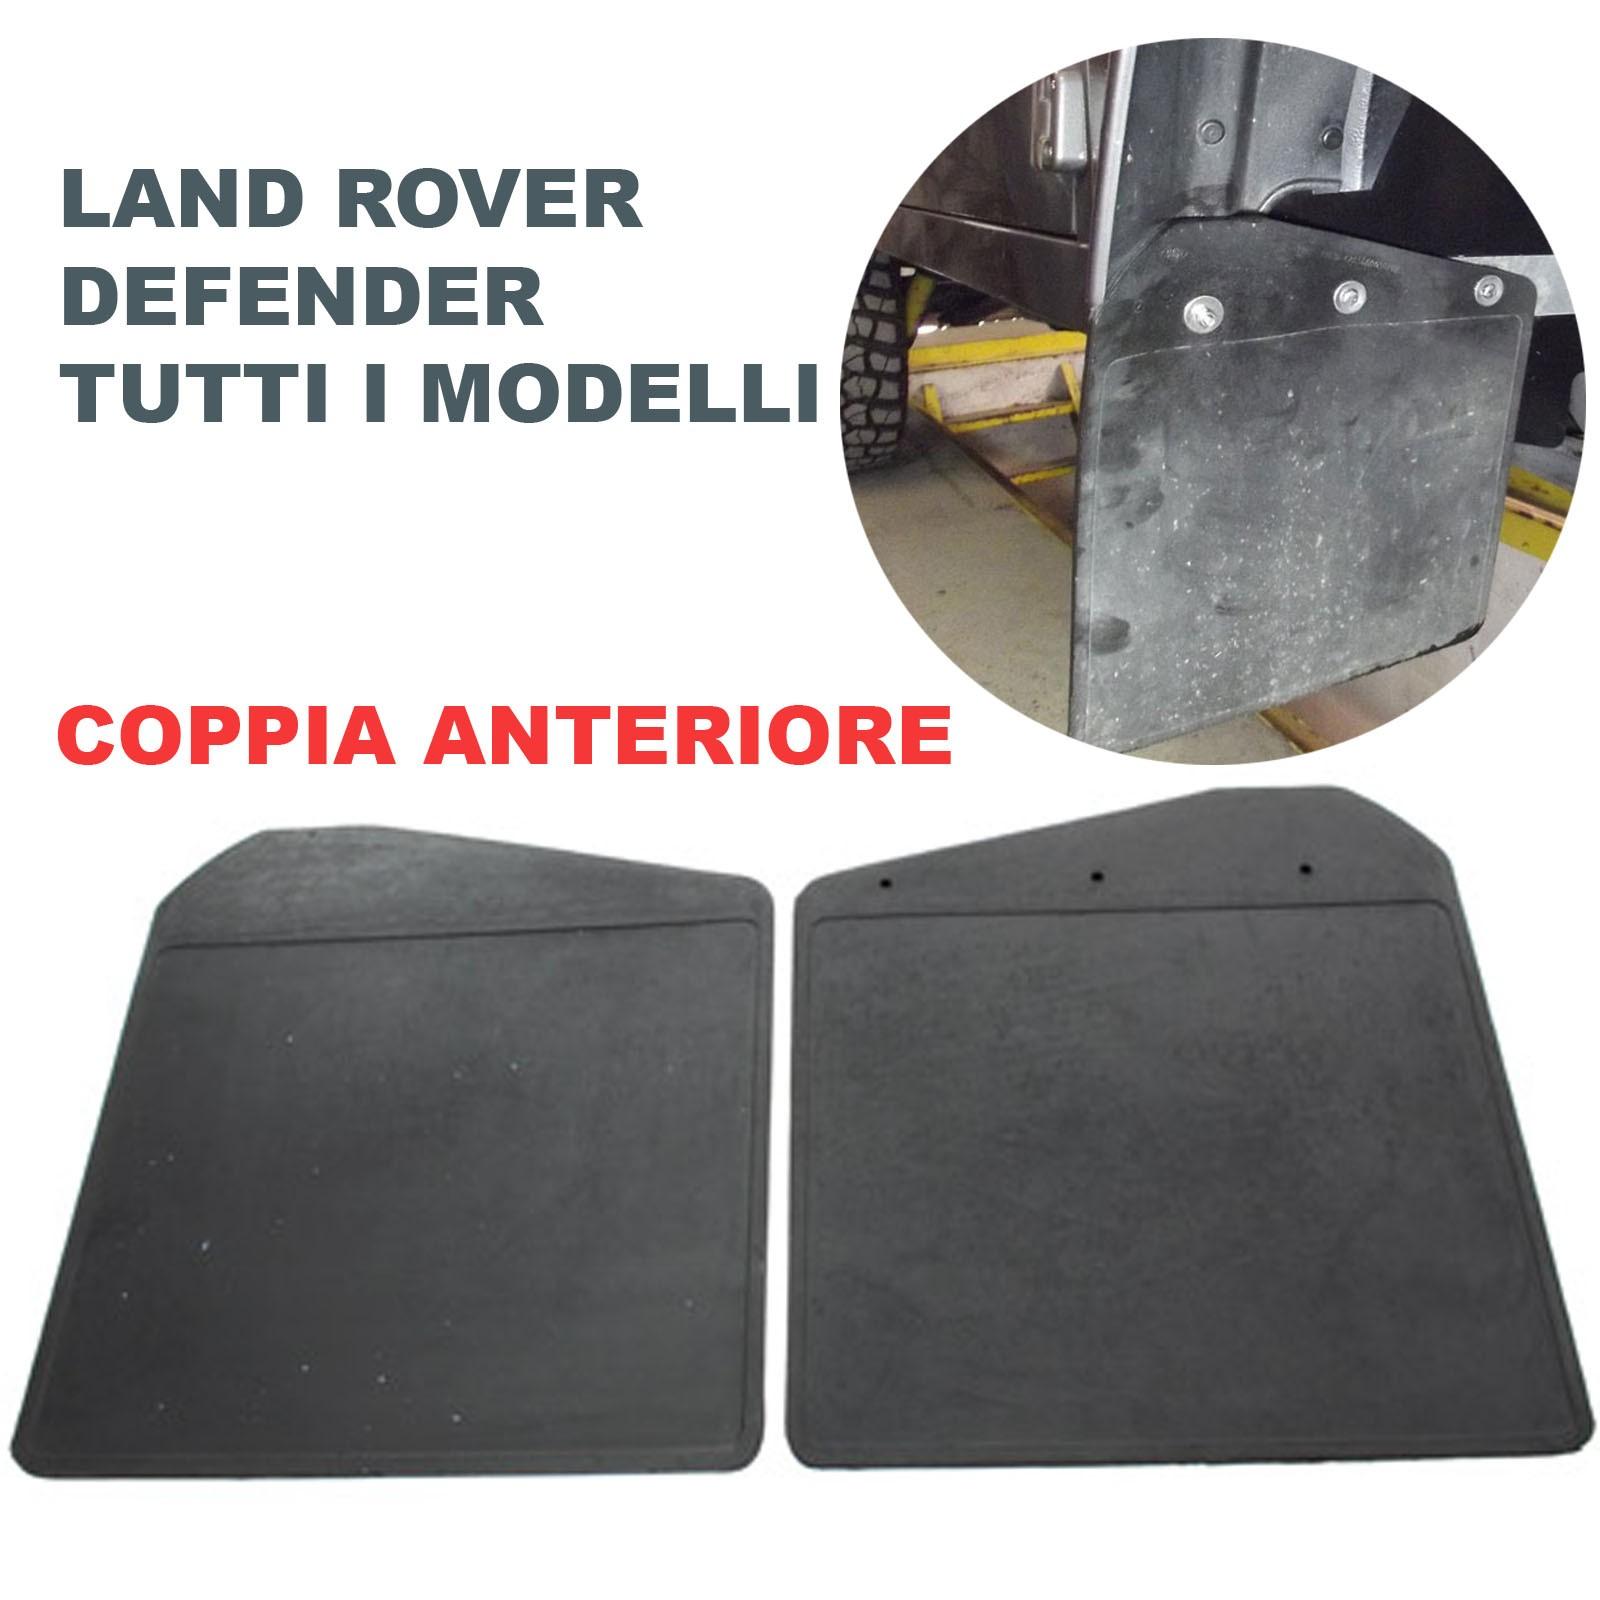 ZQXFZ 4 Pezzi Parafanghi Paraspruzzi for Land Rover Discovery 3 Discovery LR3 Anteriori Posteriori Gomma Fender con LInstallazione di Chiodi A Vite